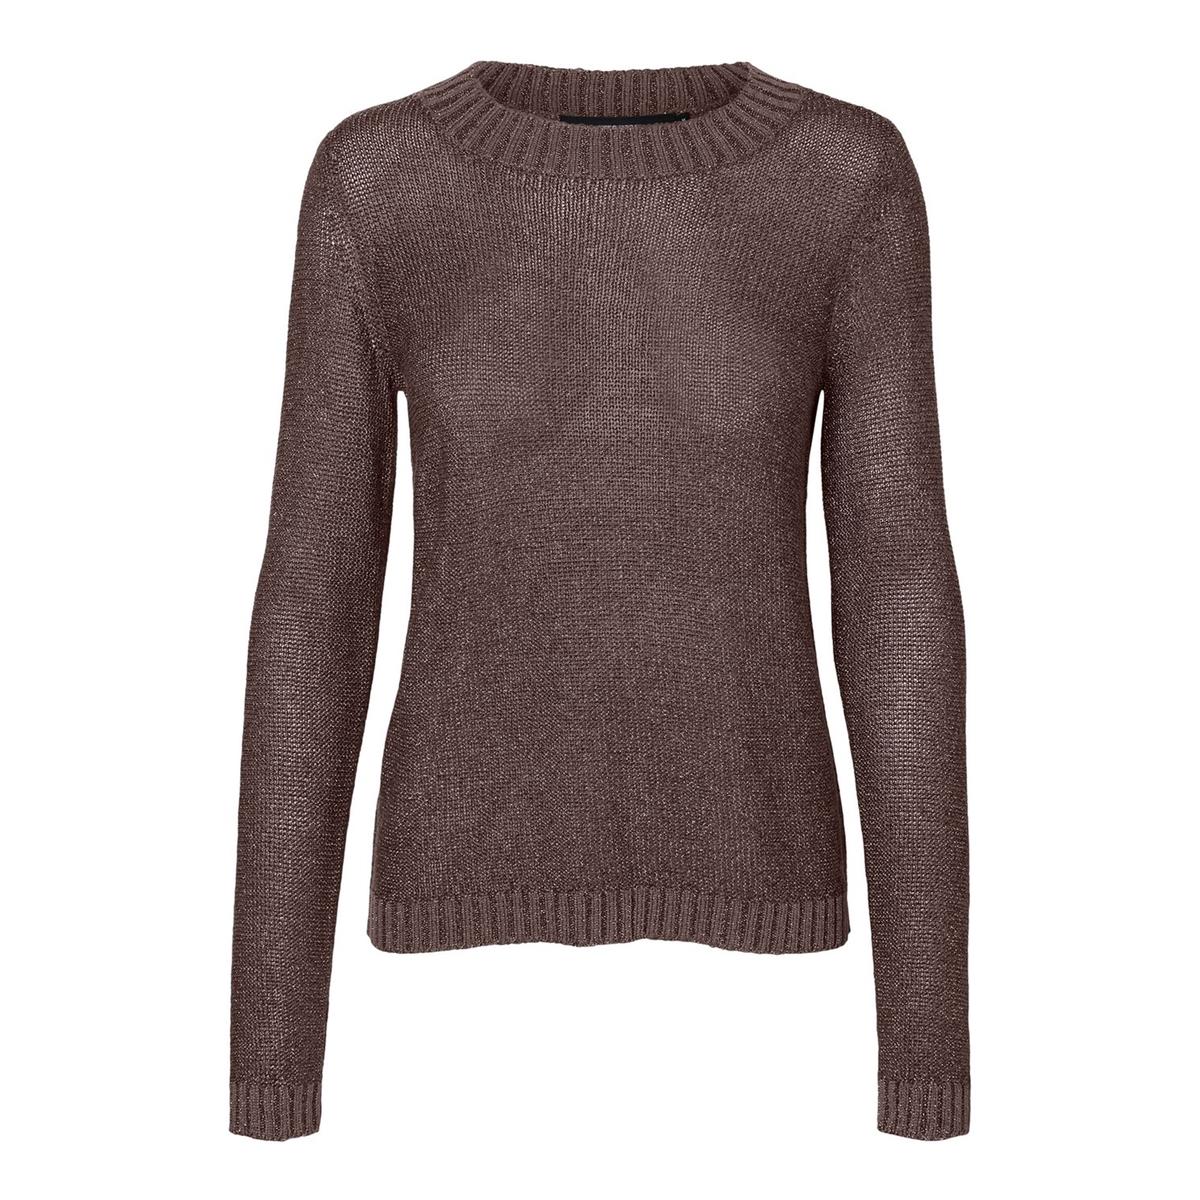 Пуловер La Redoute С круглым вырезом с волокнами с металлическим блеском L каштановый свитшот la redoute с круглым вырезом и вышивкой s черный